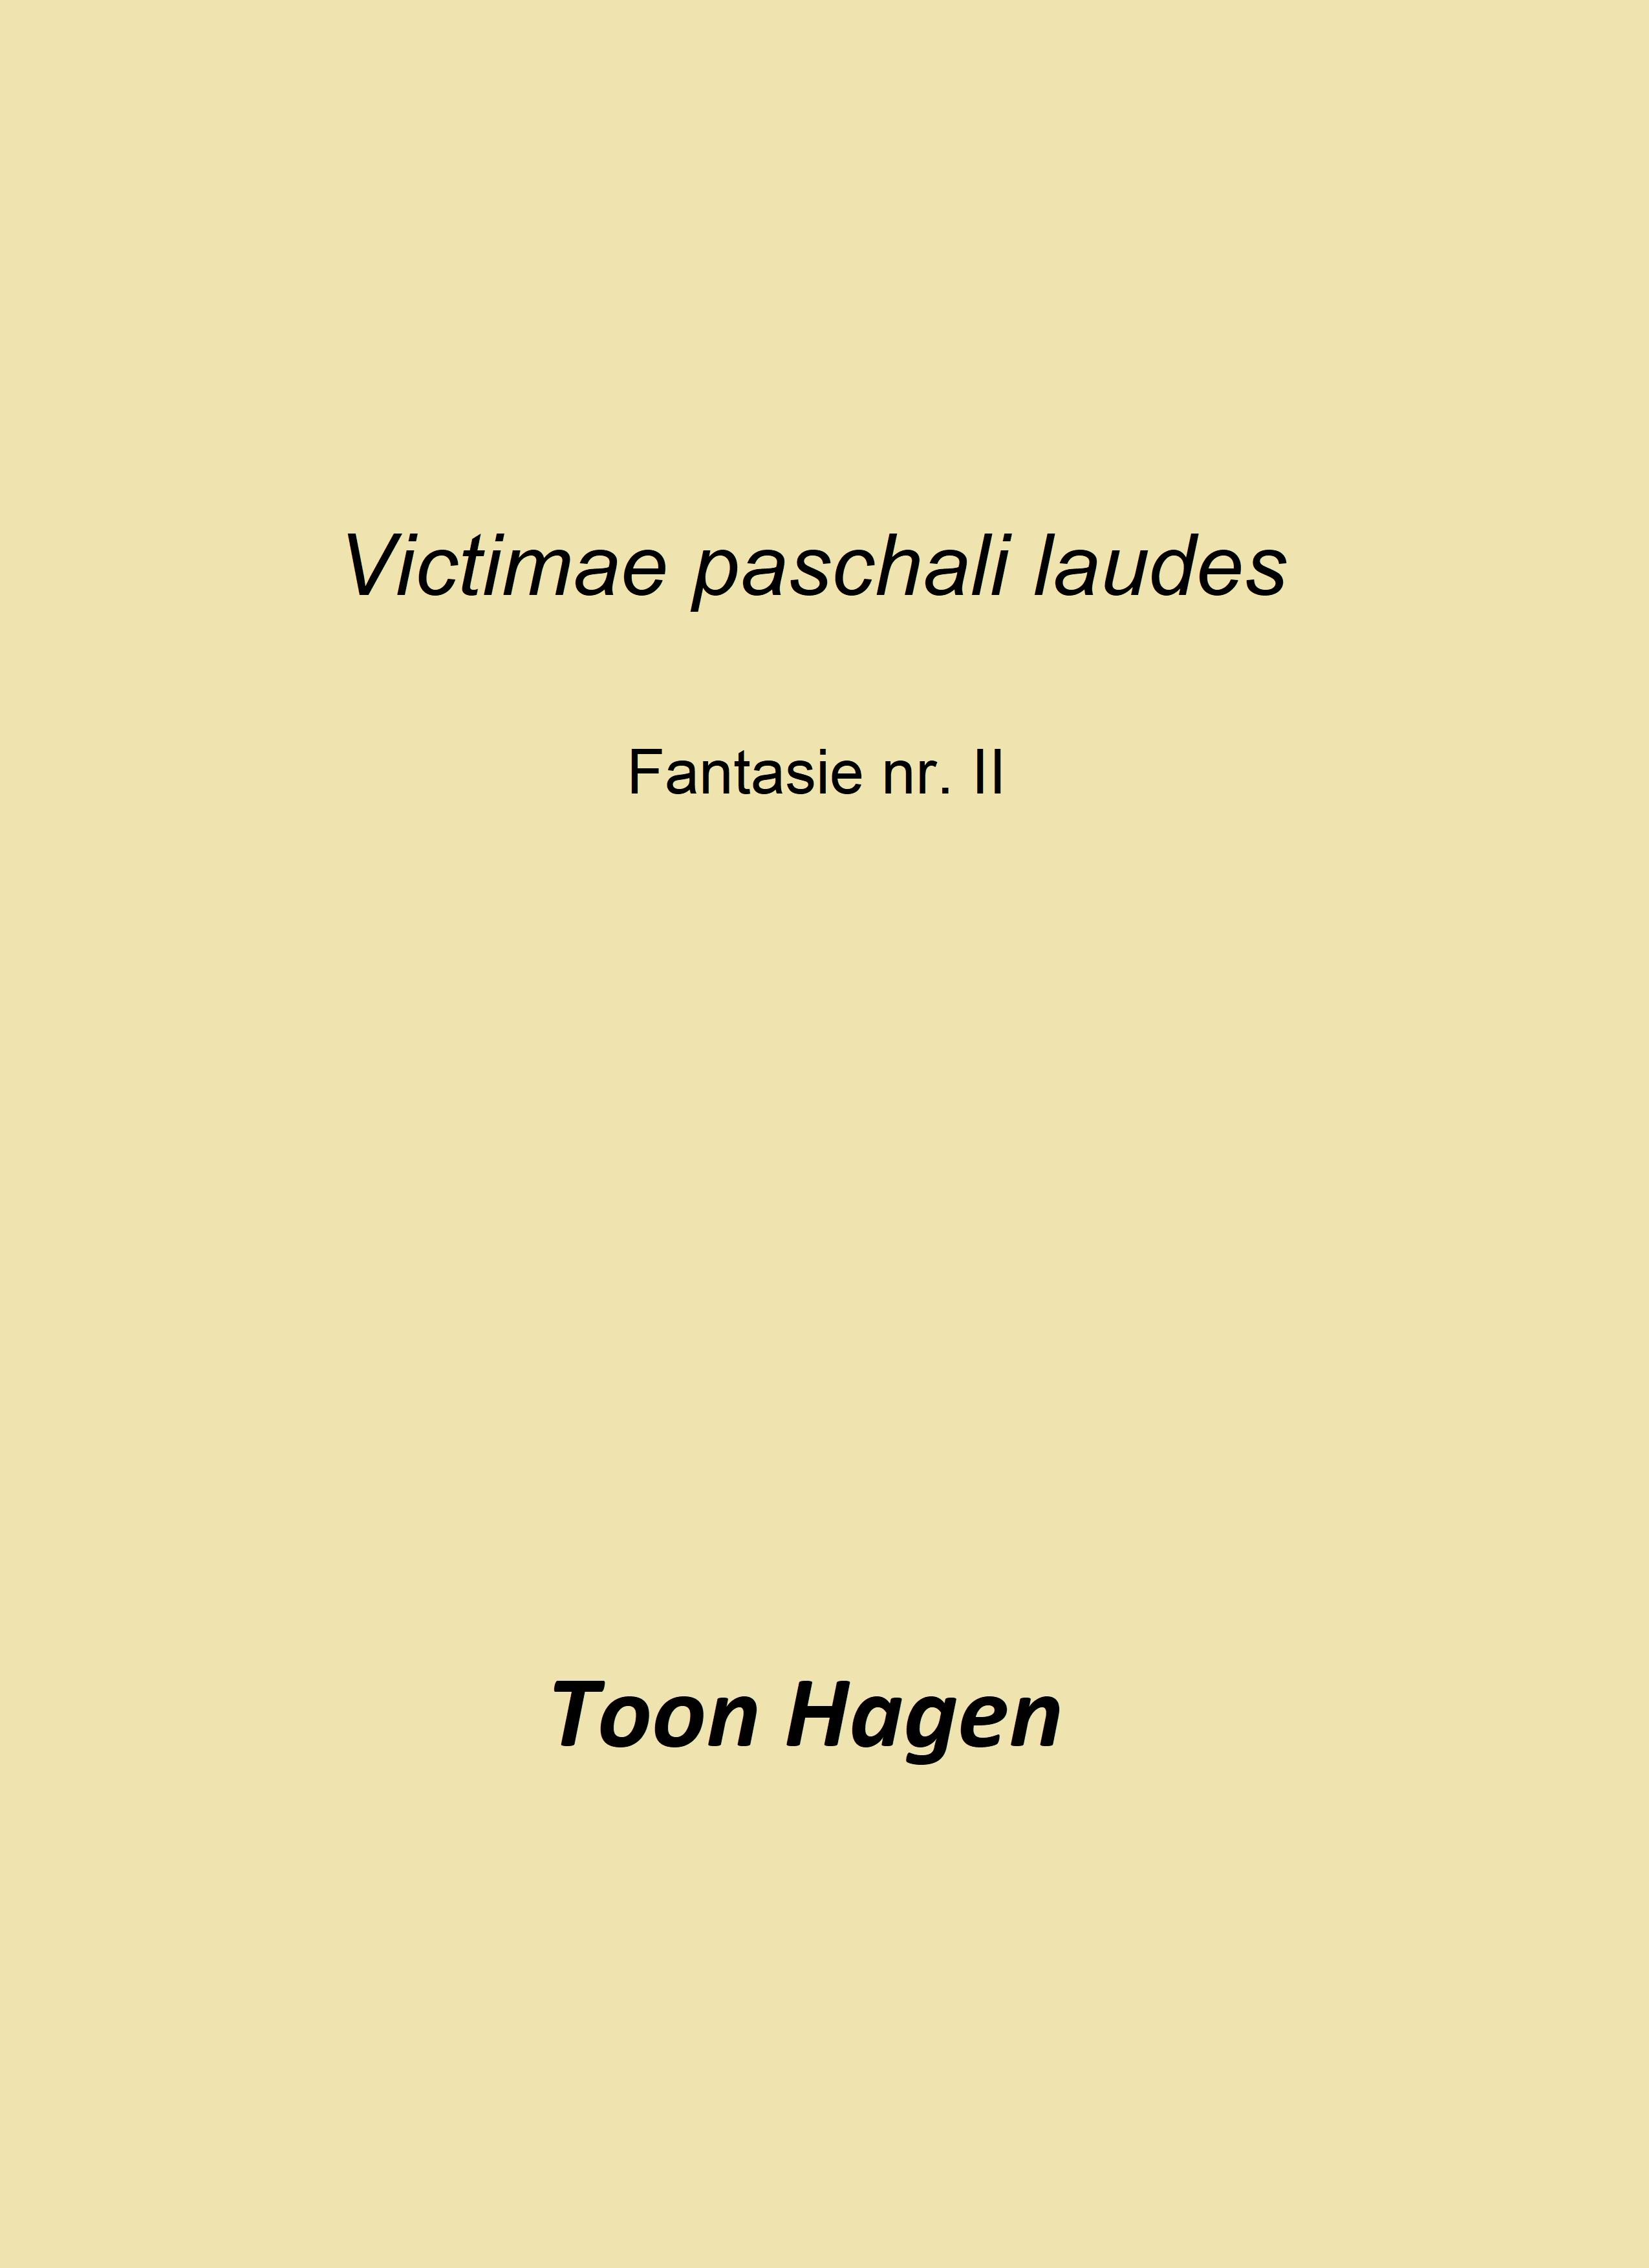 victimae paschali laudes text